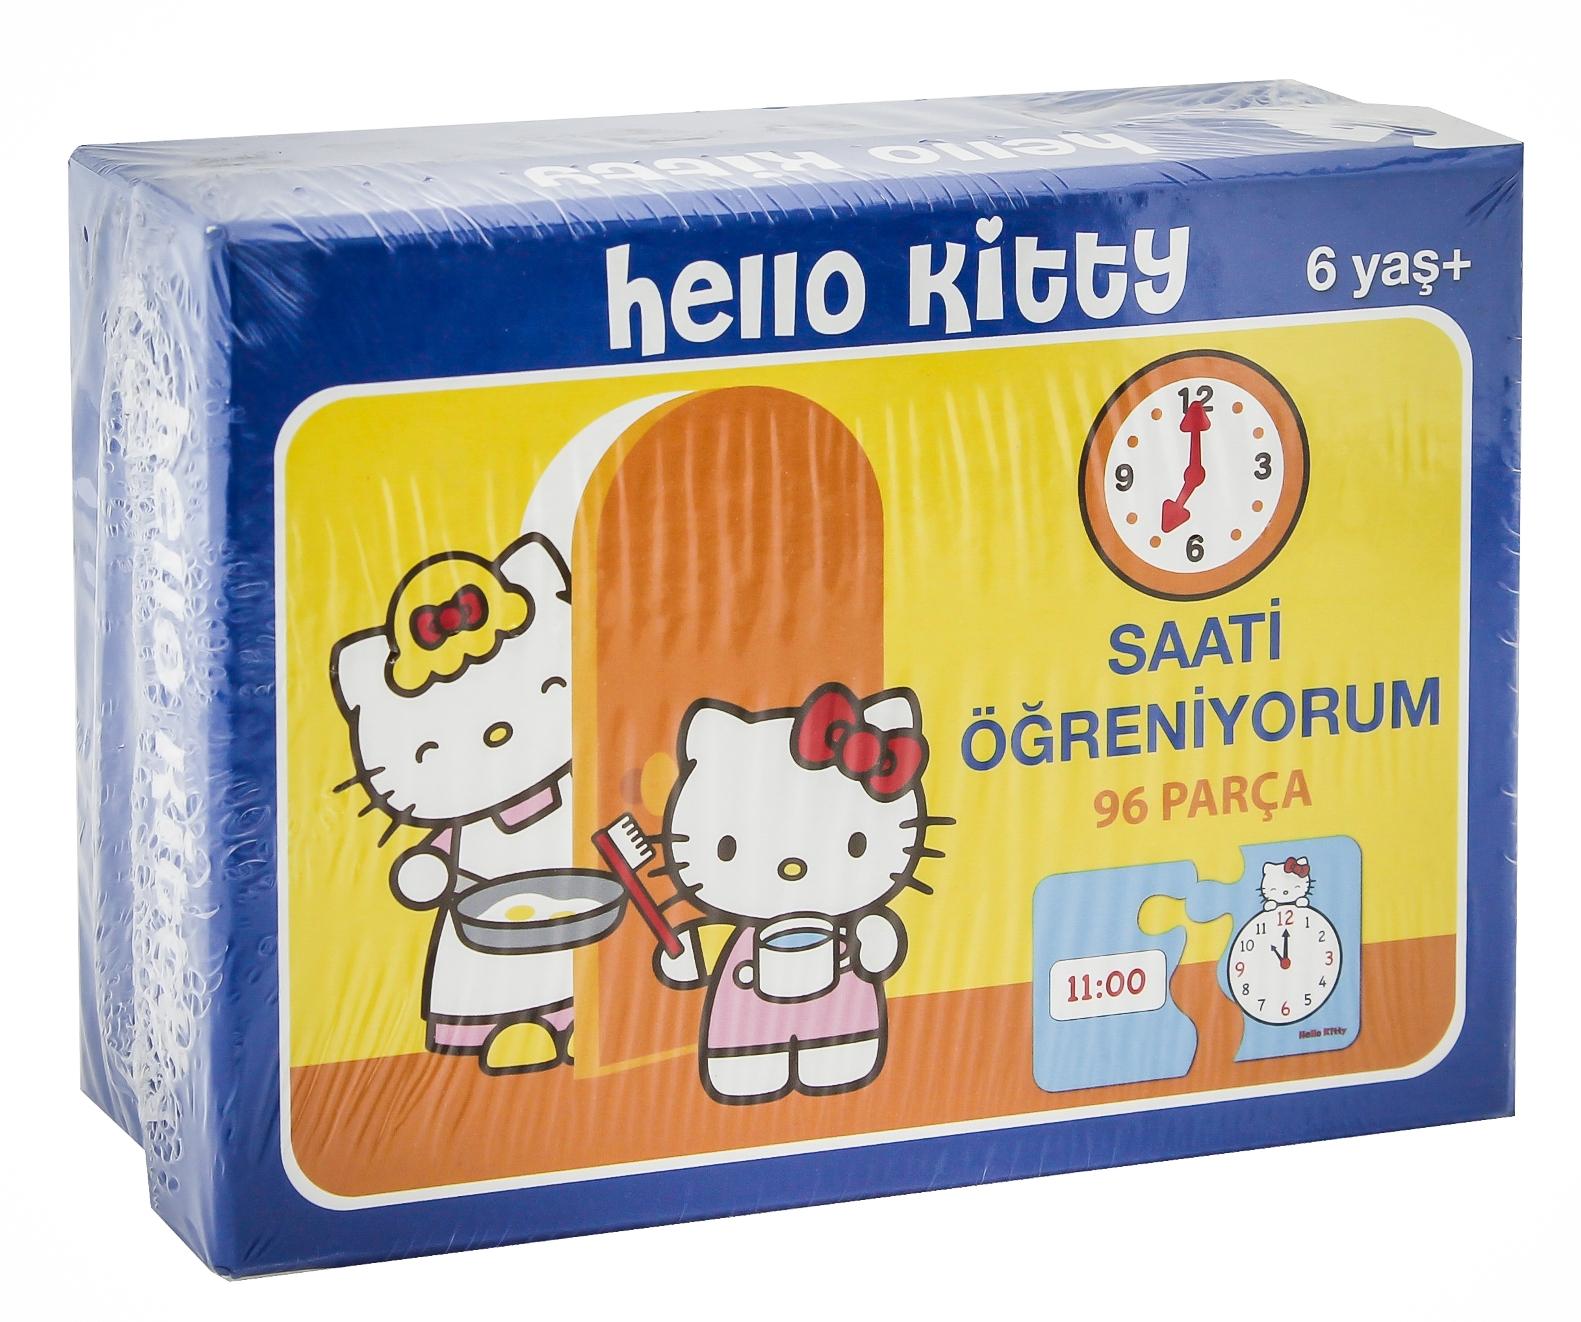 لعبة هيلو كيتي تعلم مفردات اللغة الإنجليزية- 52 قطعة